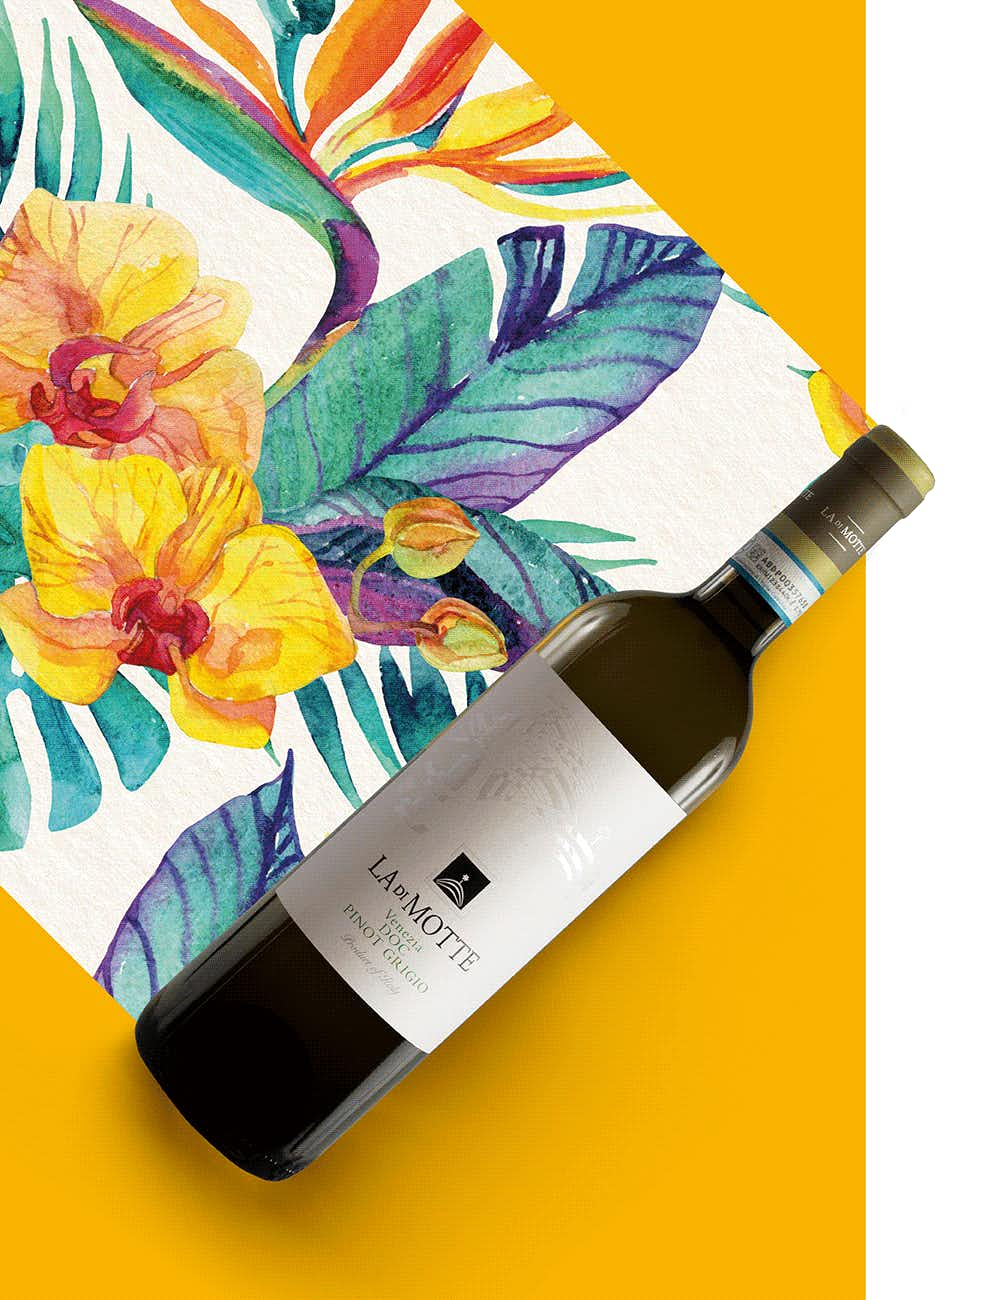 Botter Wines La Di Motte Pinot Grigio 2019